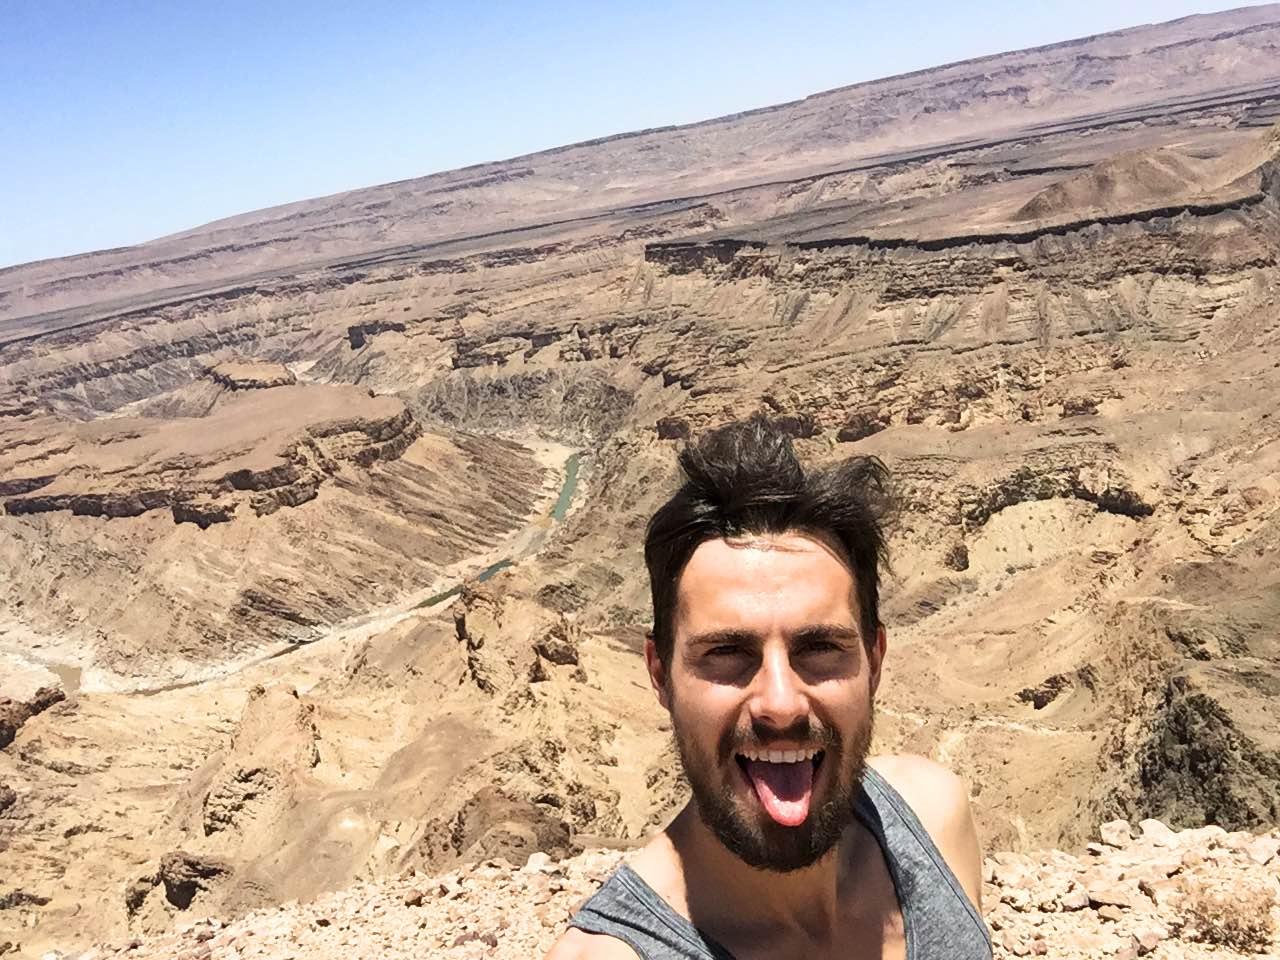 Weltreise_Backpacking_Namibia_Keetmanshoop_Fish_River_Canyon